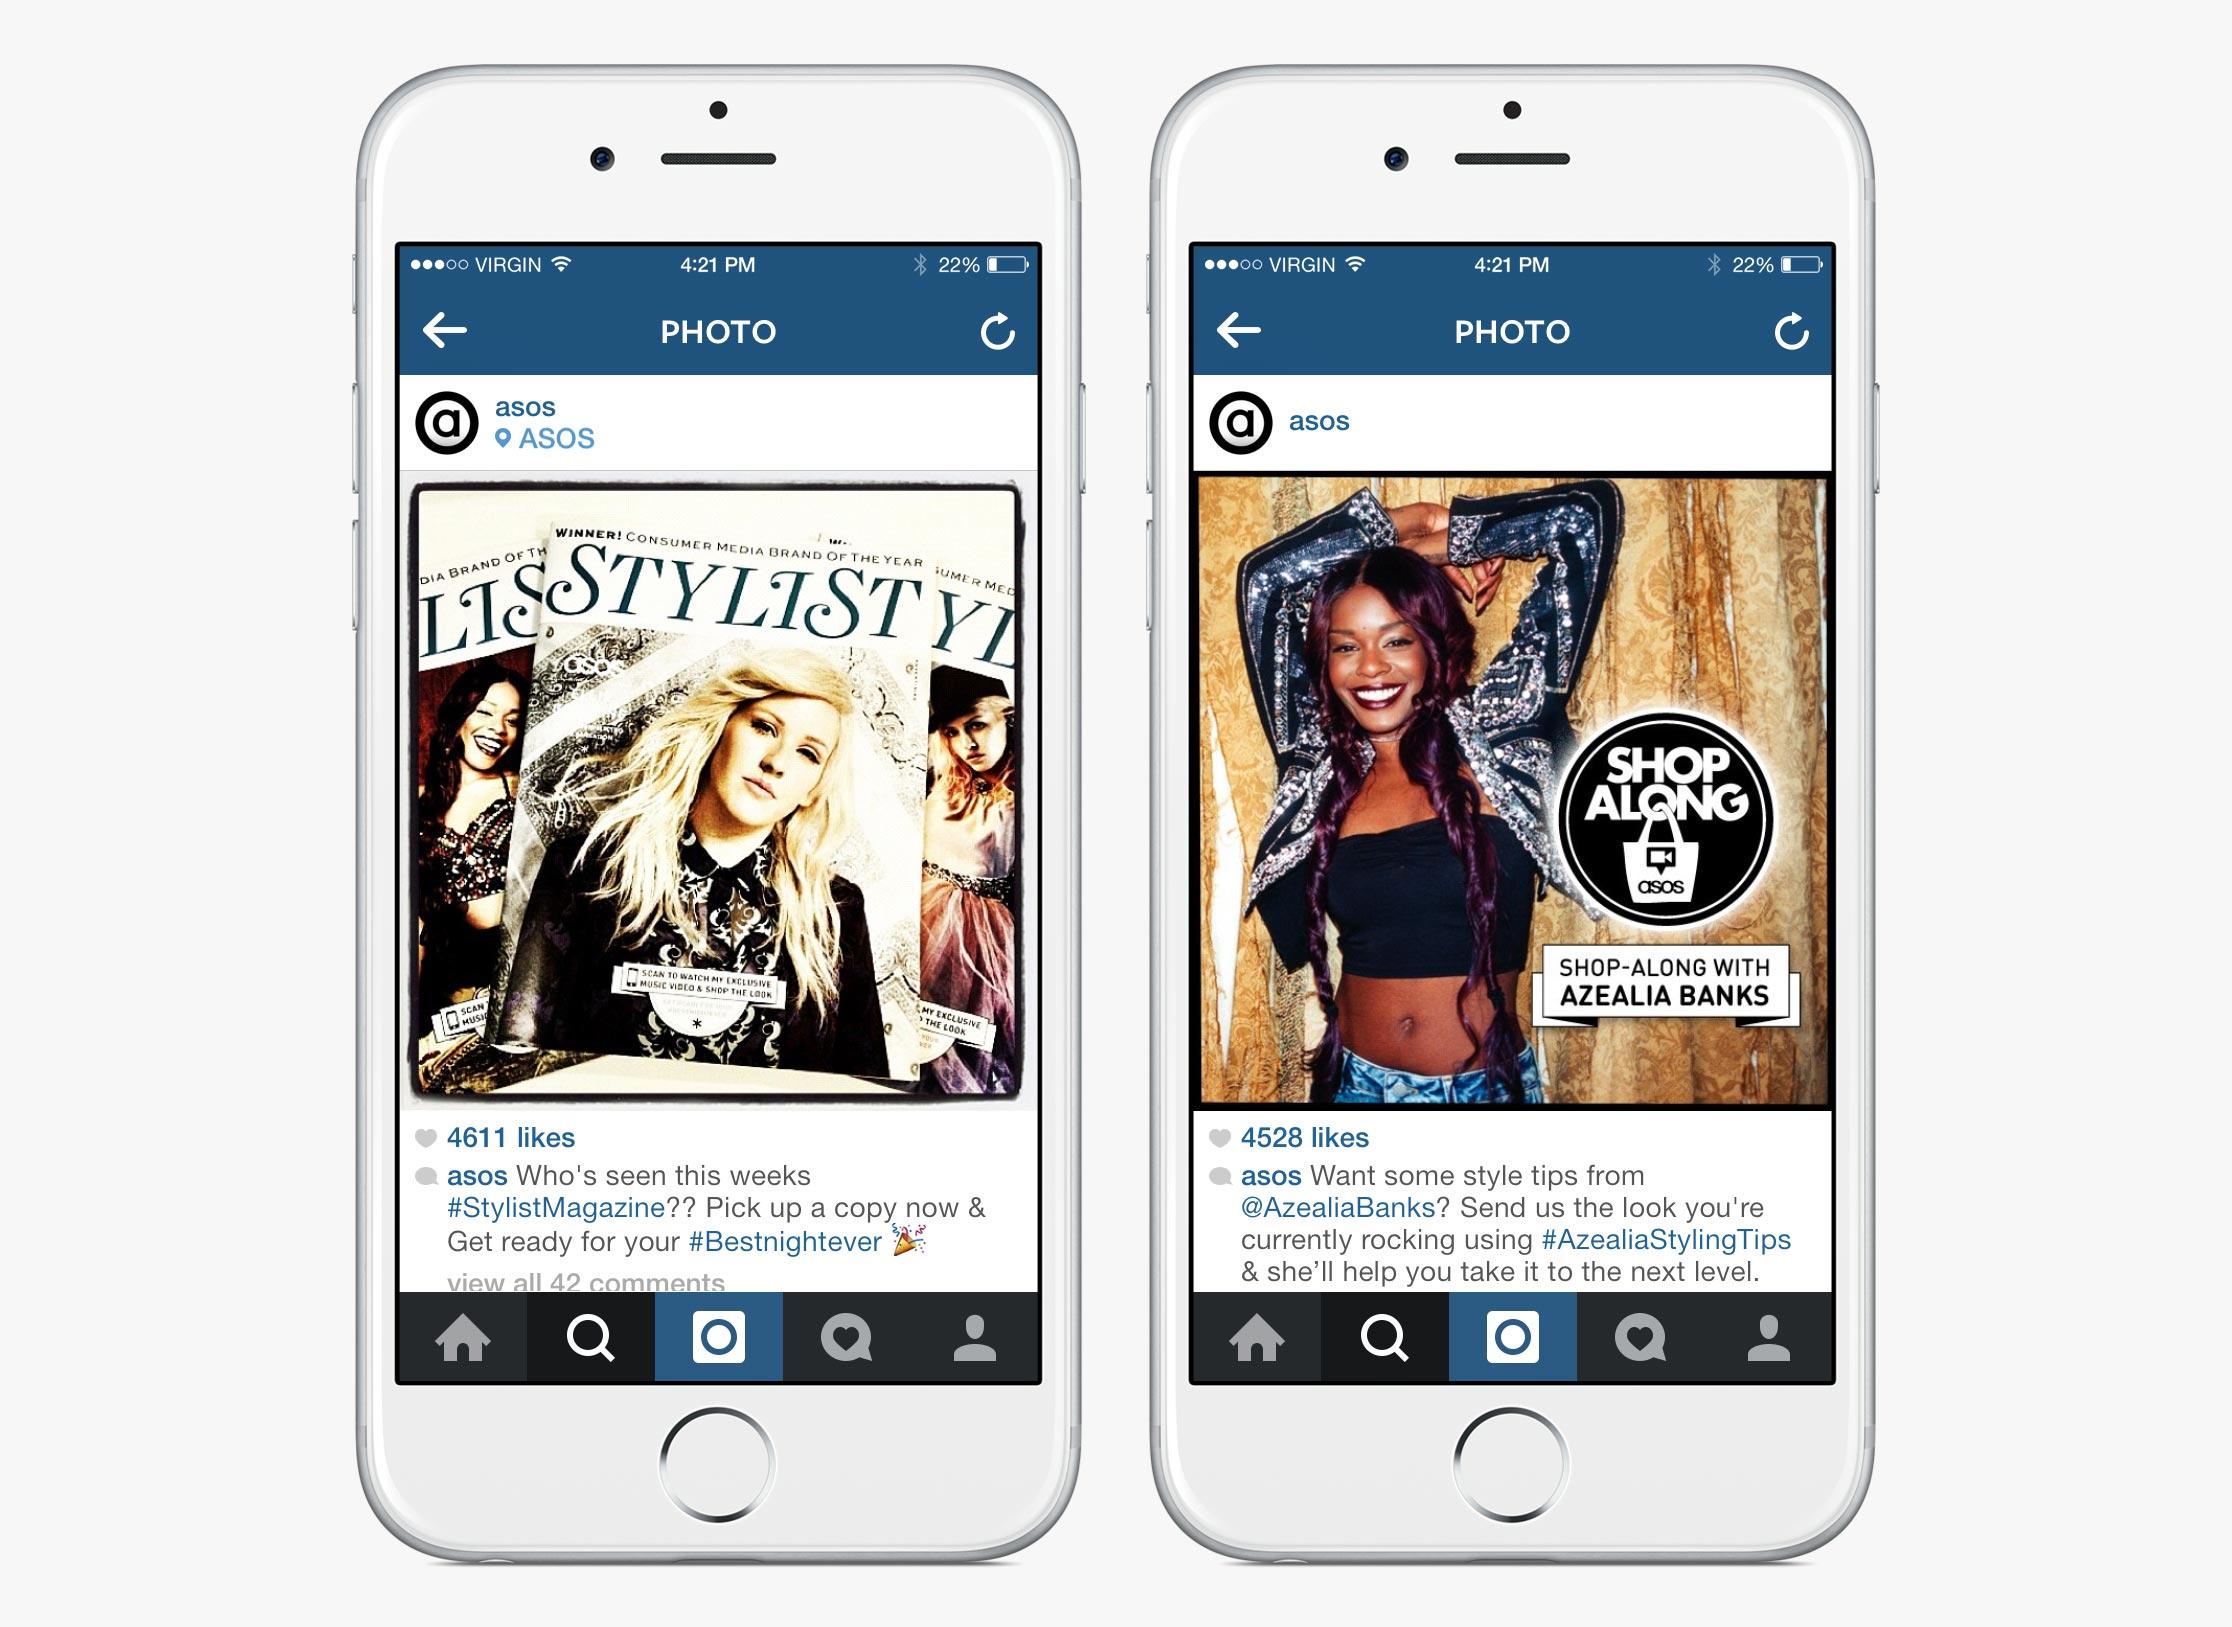 ASOS Instagram content